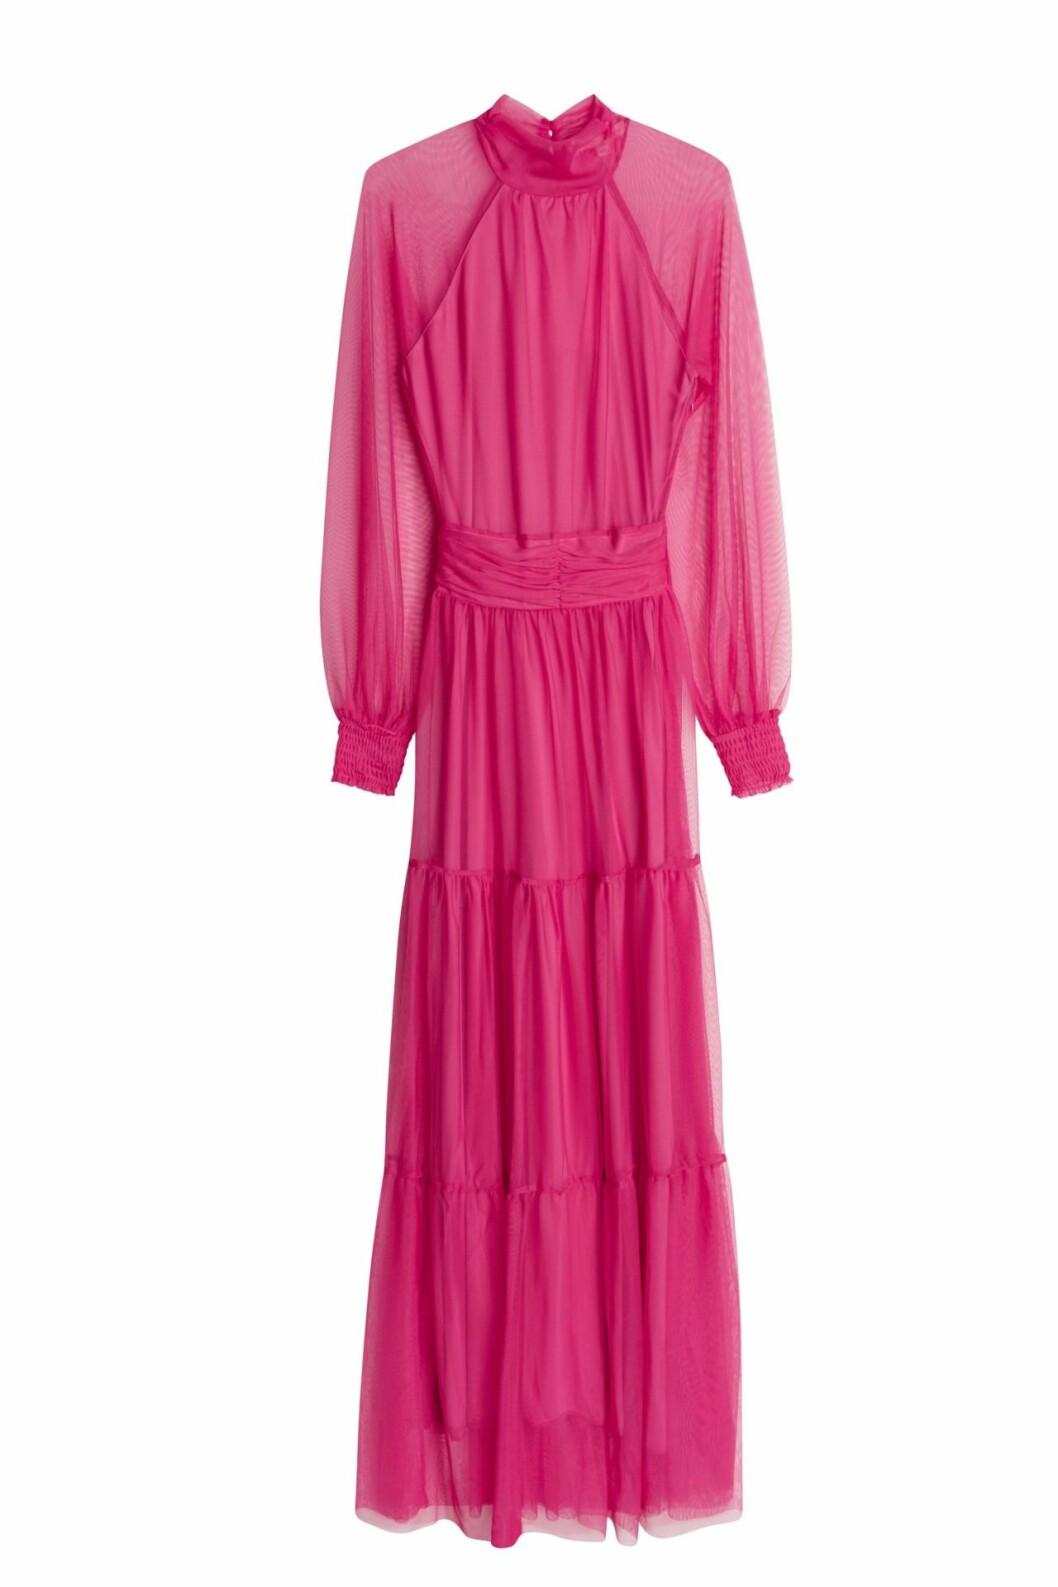 Maja Nilsson Lindelöf släpper kollektion med Gina tricot –rosa maxiklänning